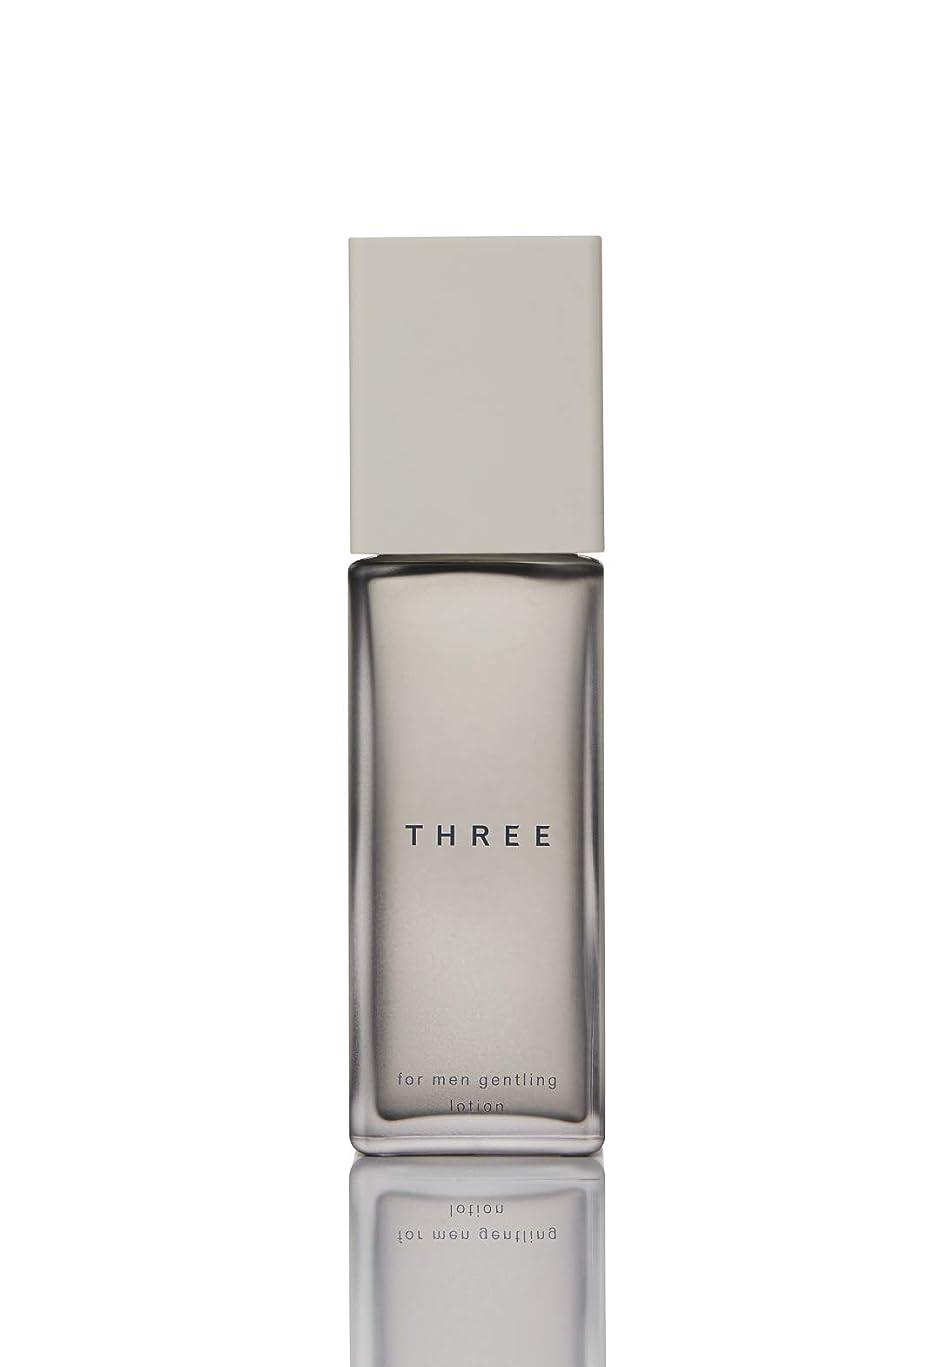 革新南西ディスパッチFIVEISM × THREE(ファイブイズム バイ スリー) THREE フォー?メン ジェントリング ローション 100mL 化粧水